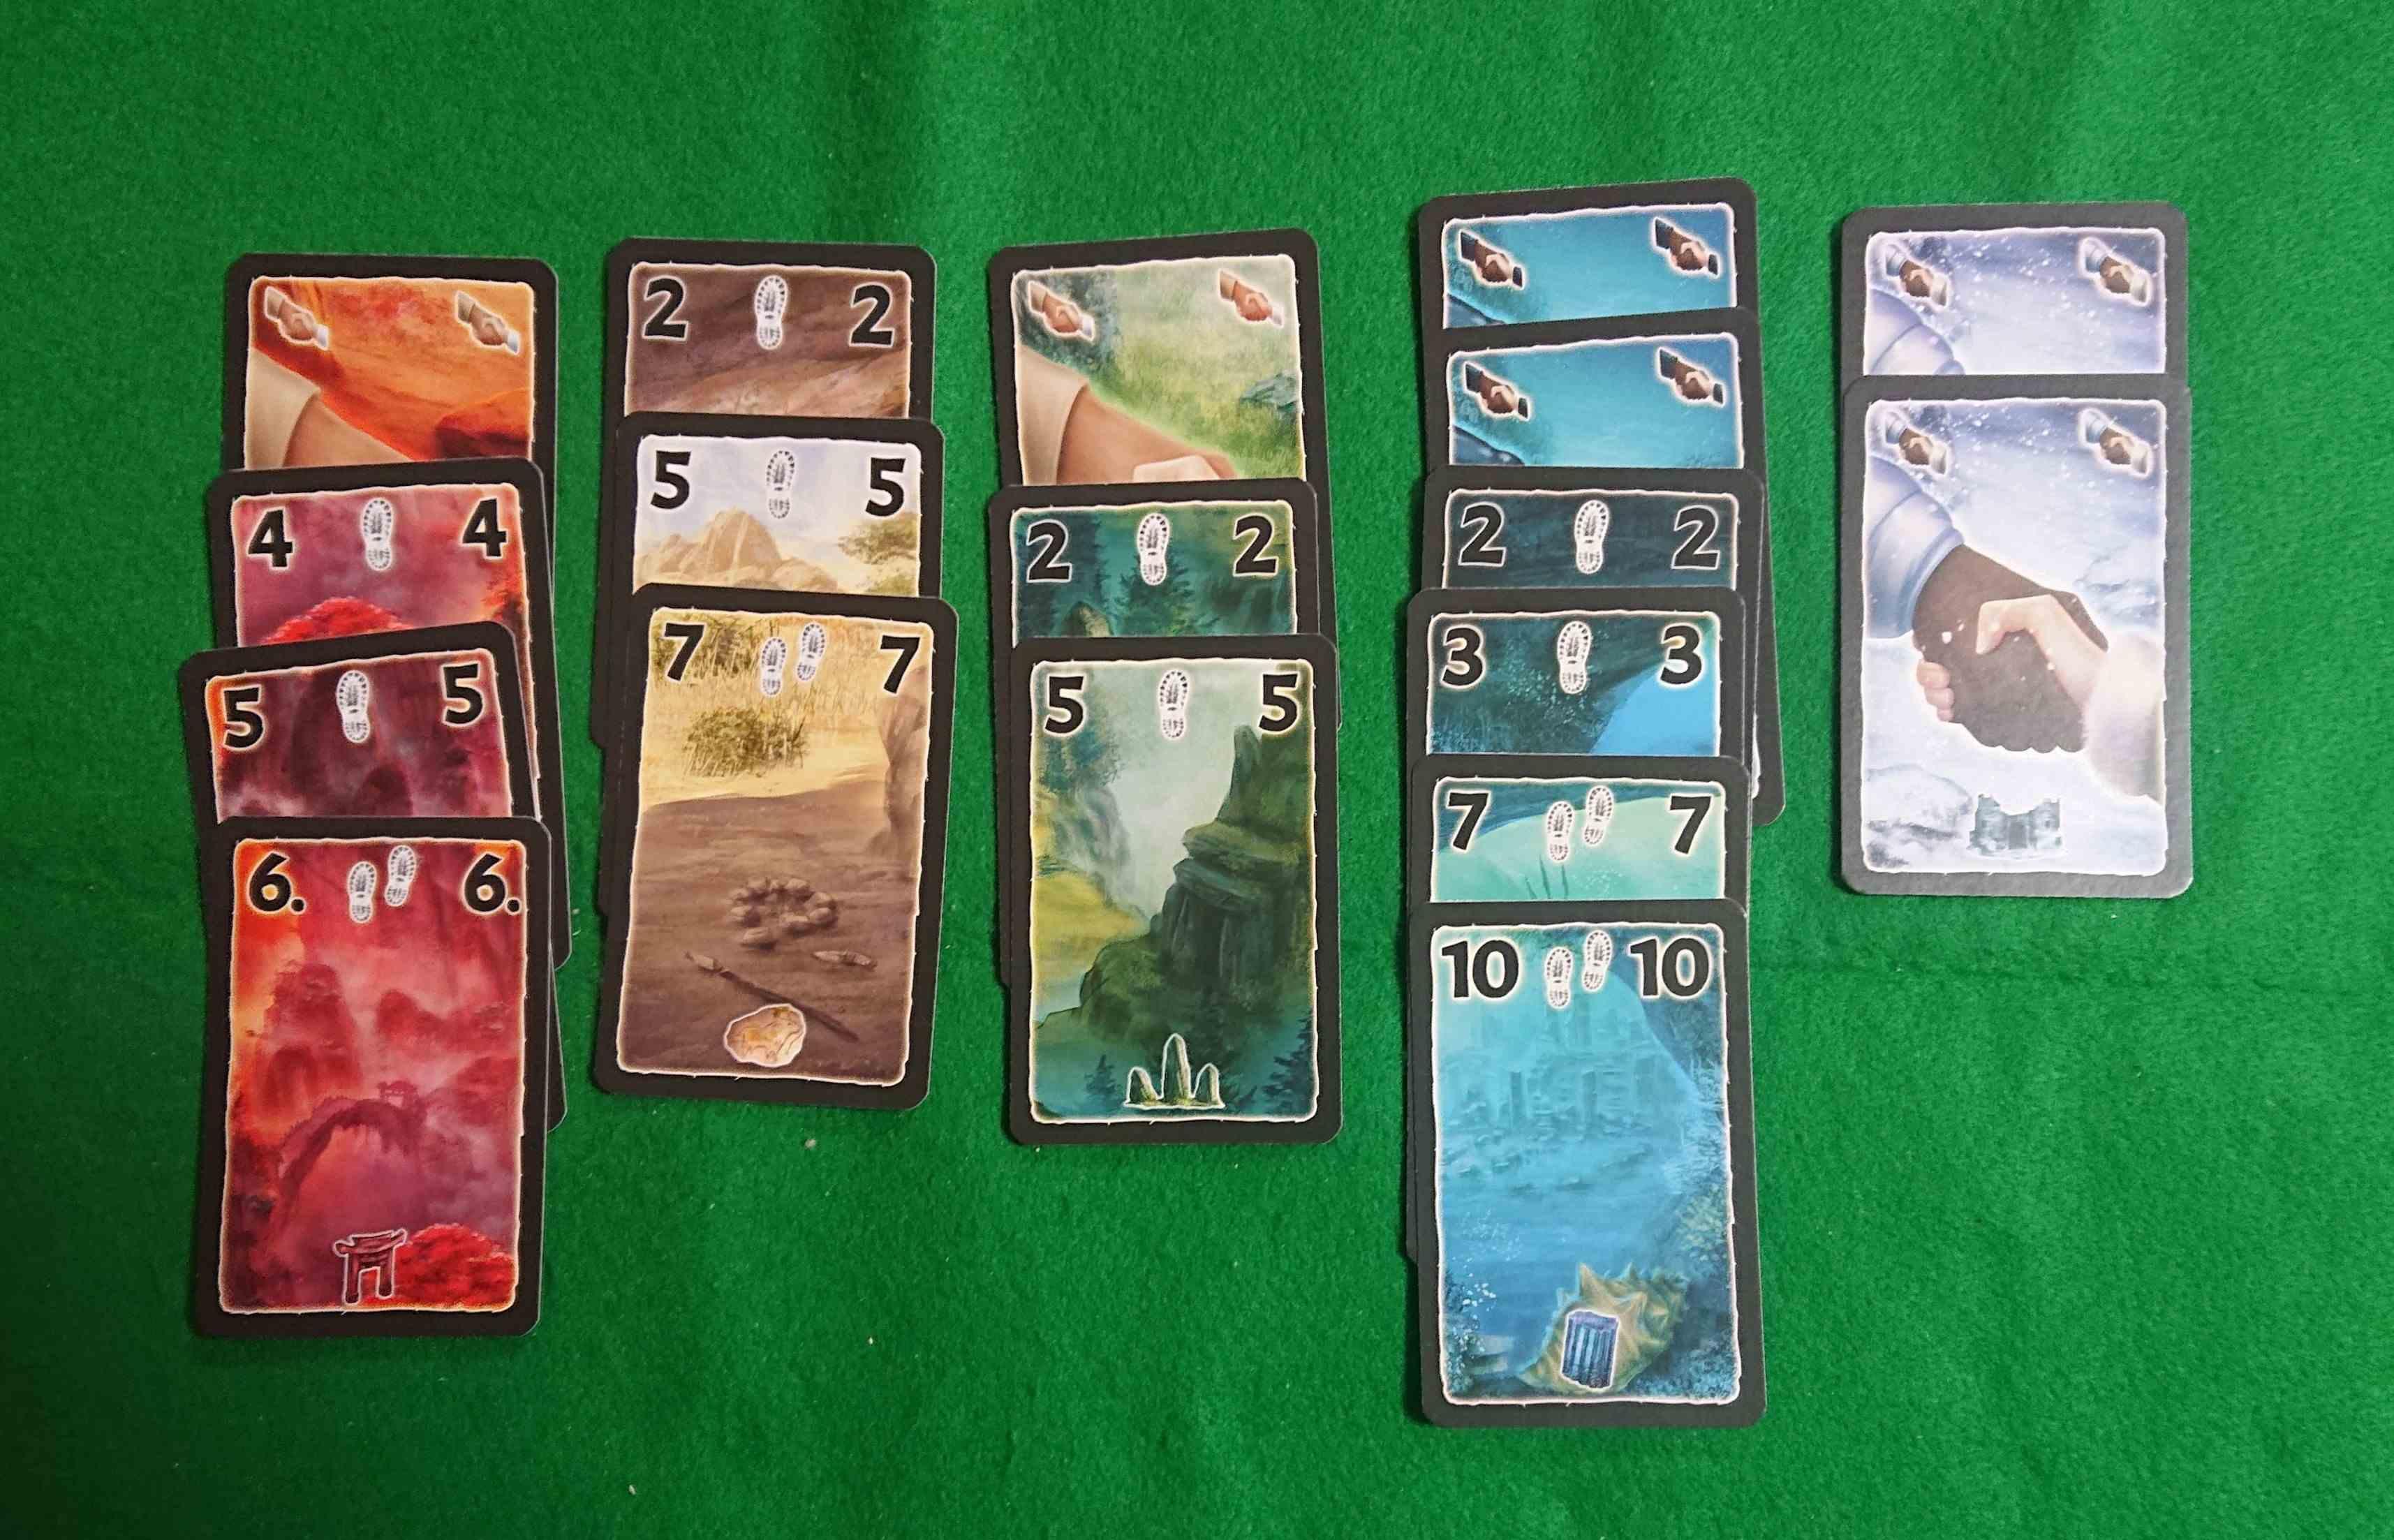 「ロストシティ ライバルズ」 競りが加わった「ロストシティ」です 4人までプレイ出来ます カードゲーム ボードゲーム